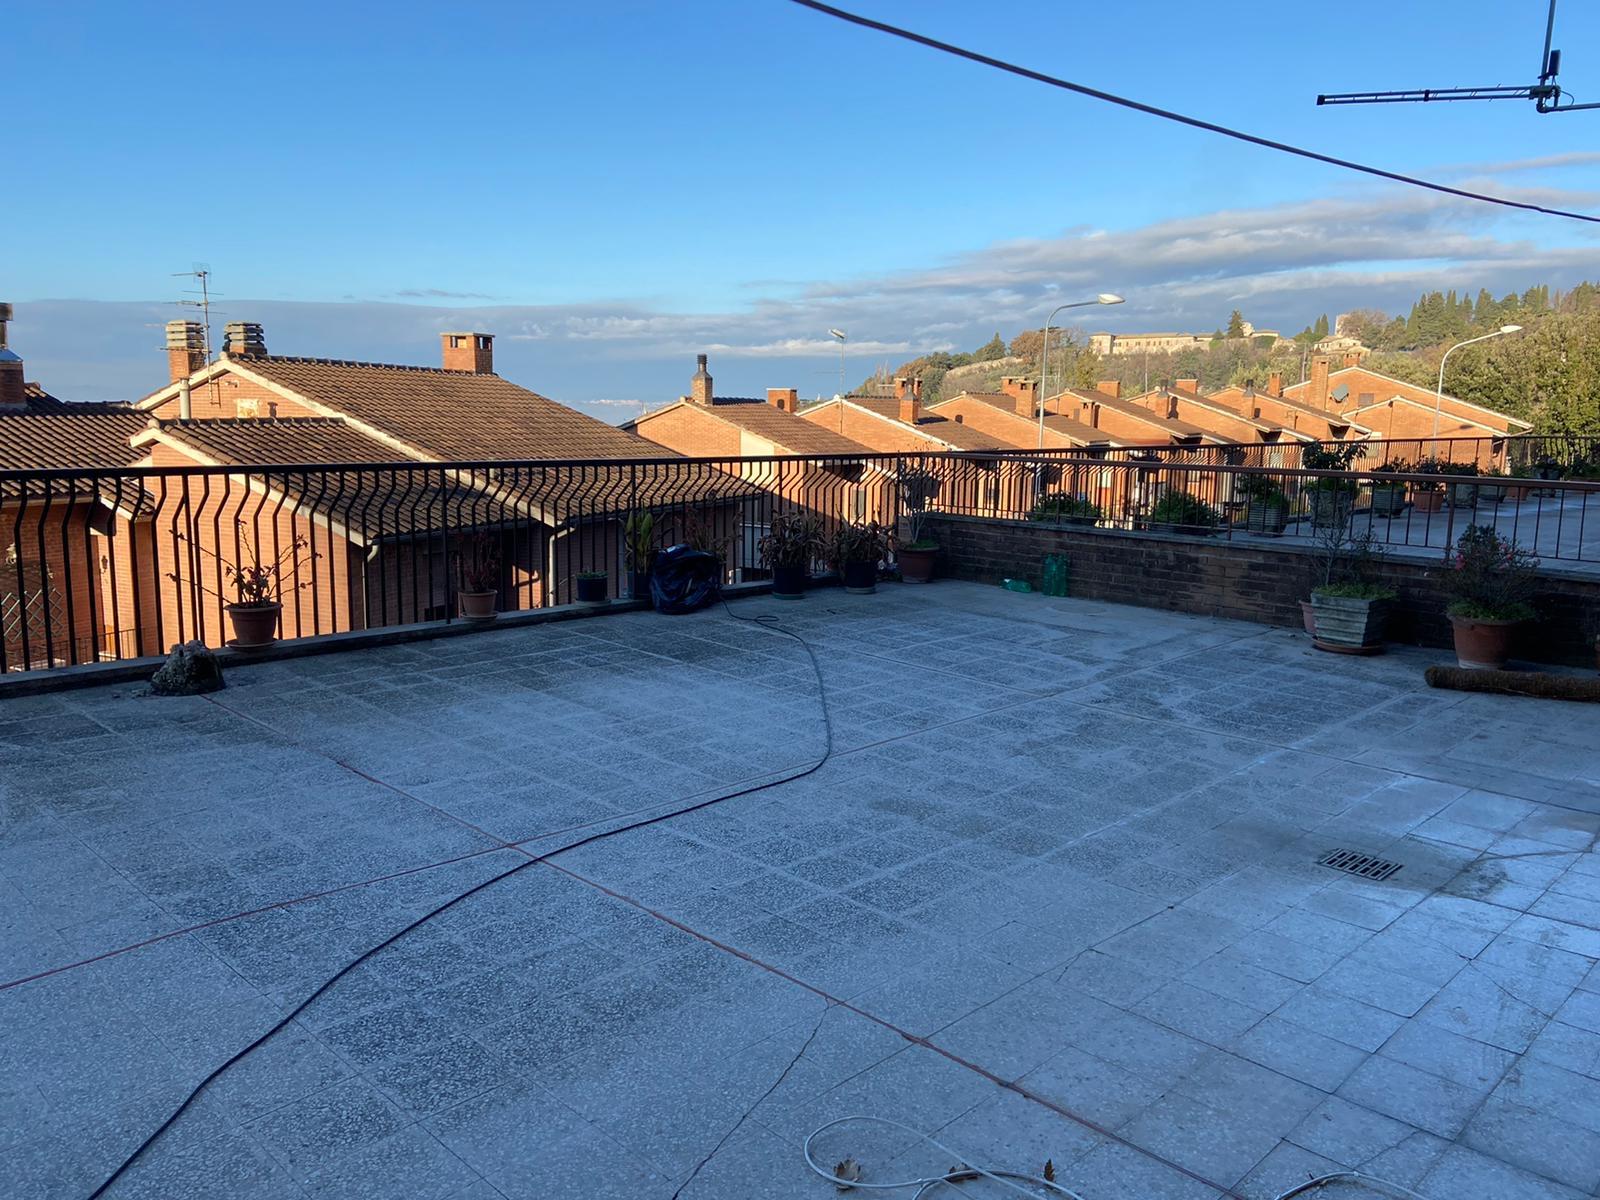 Vendita Appartamento Assisi / Sell Apartment Assisi – Via della Coperazione